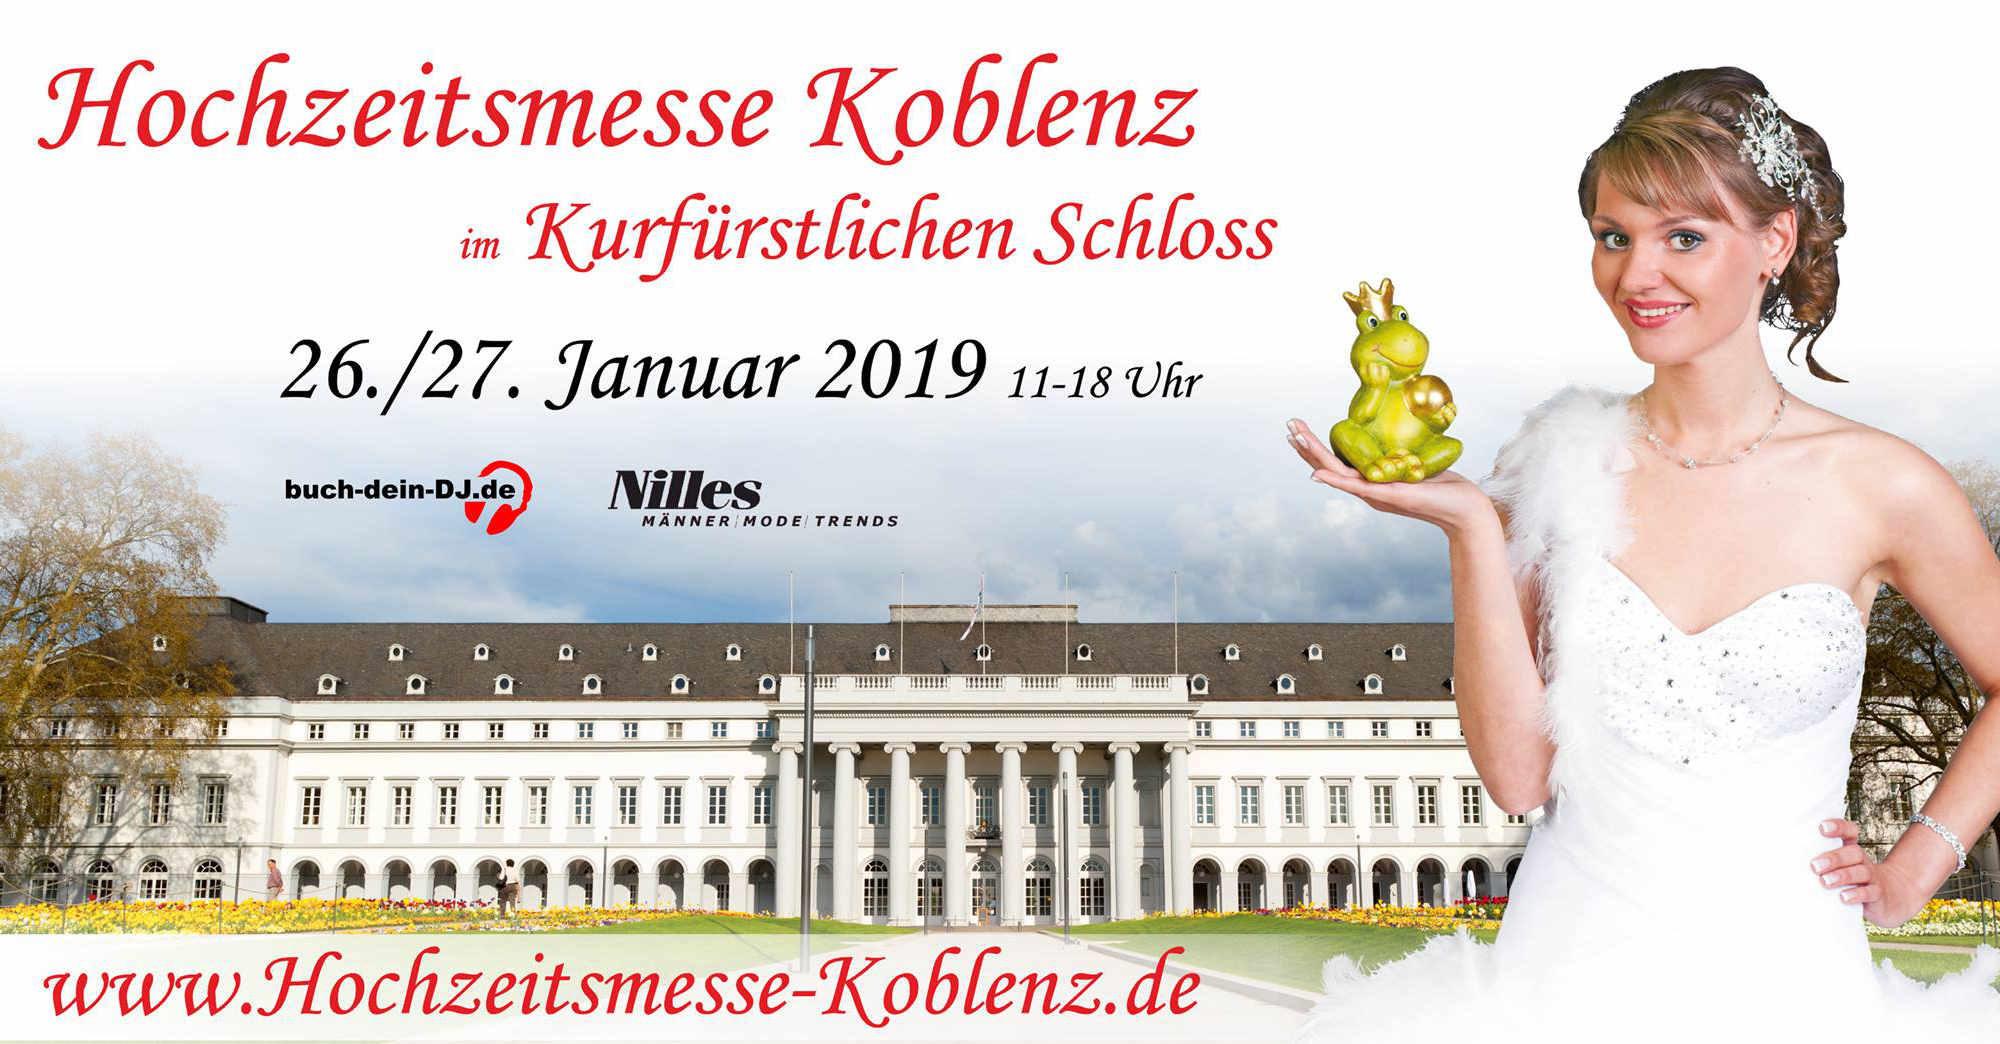 Rüttger Mediendesign als Videograph auf der Hochzeitsmesse 2019 im Kurfürstlichen Schloss zu Koblenz